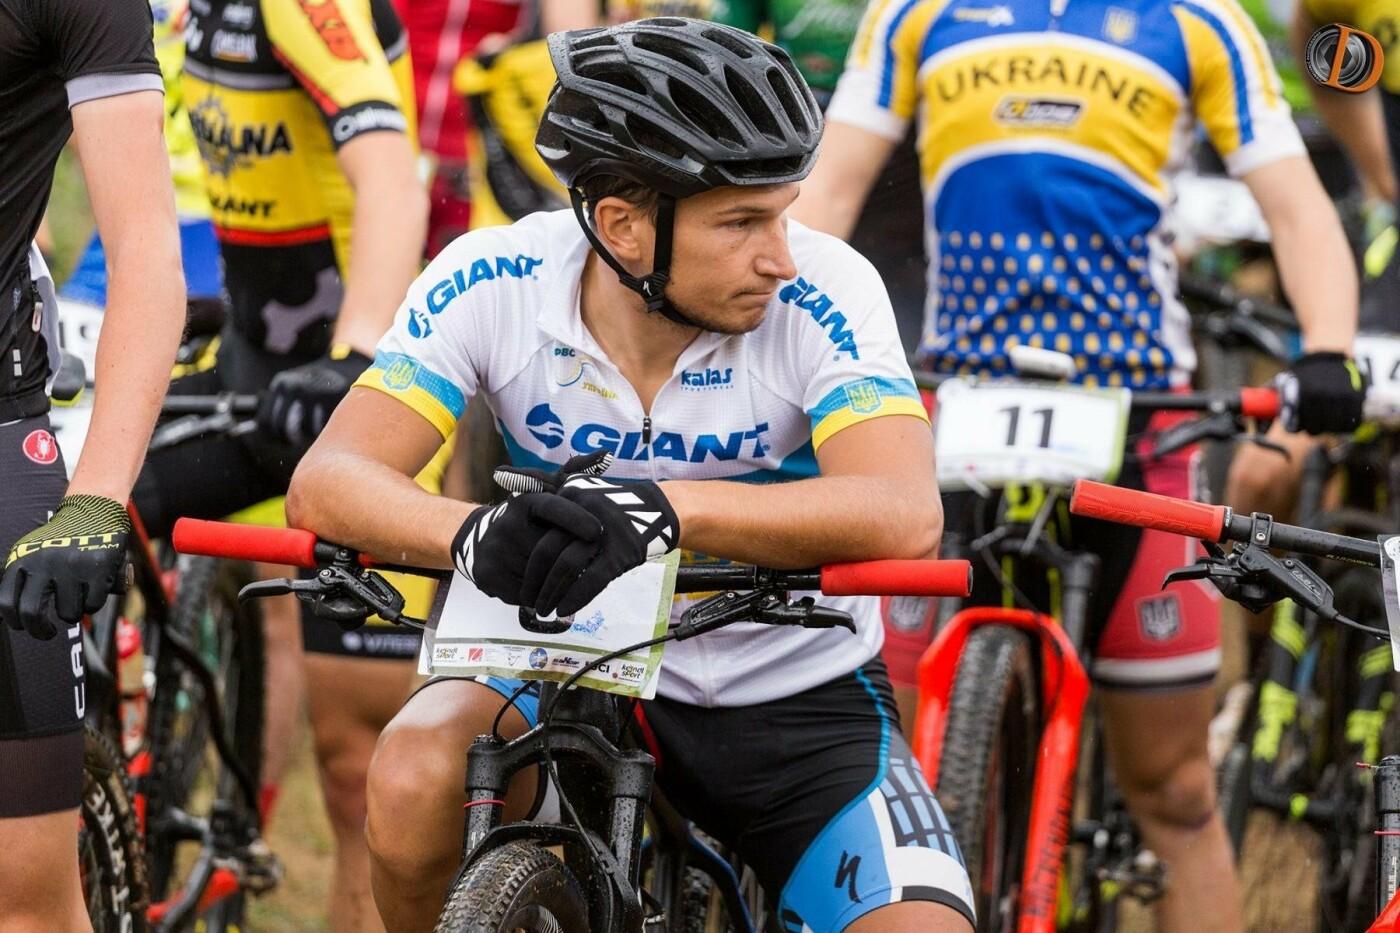 Хмельницький велосипедист представляє Україну на Чемпіонаті світу, фото-3